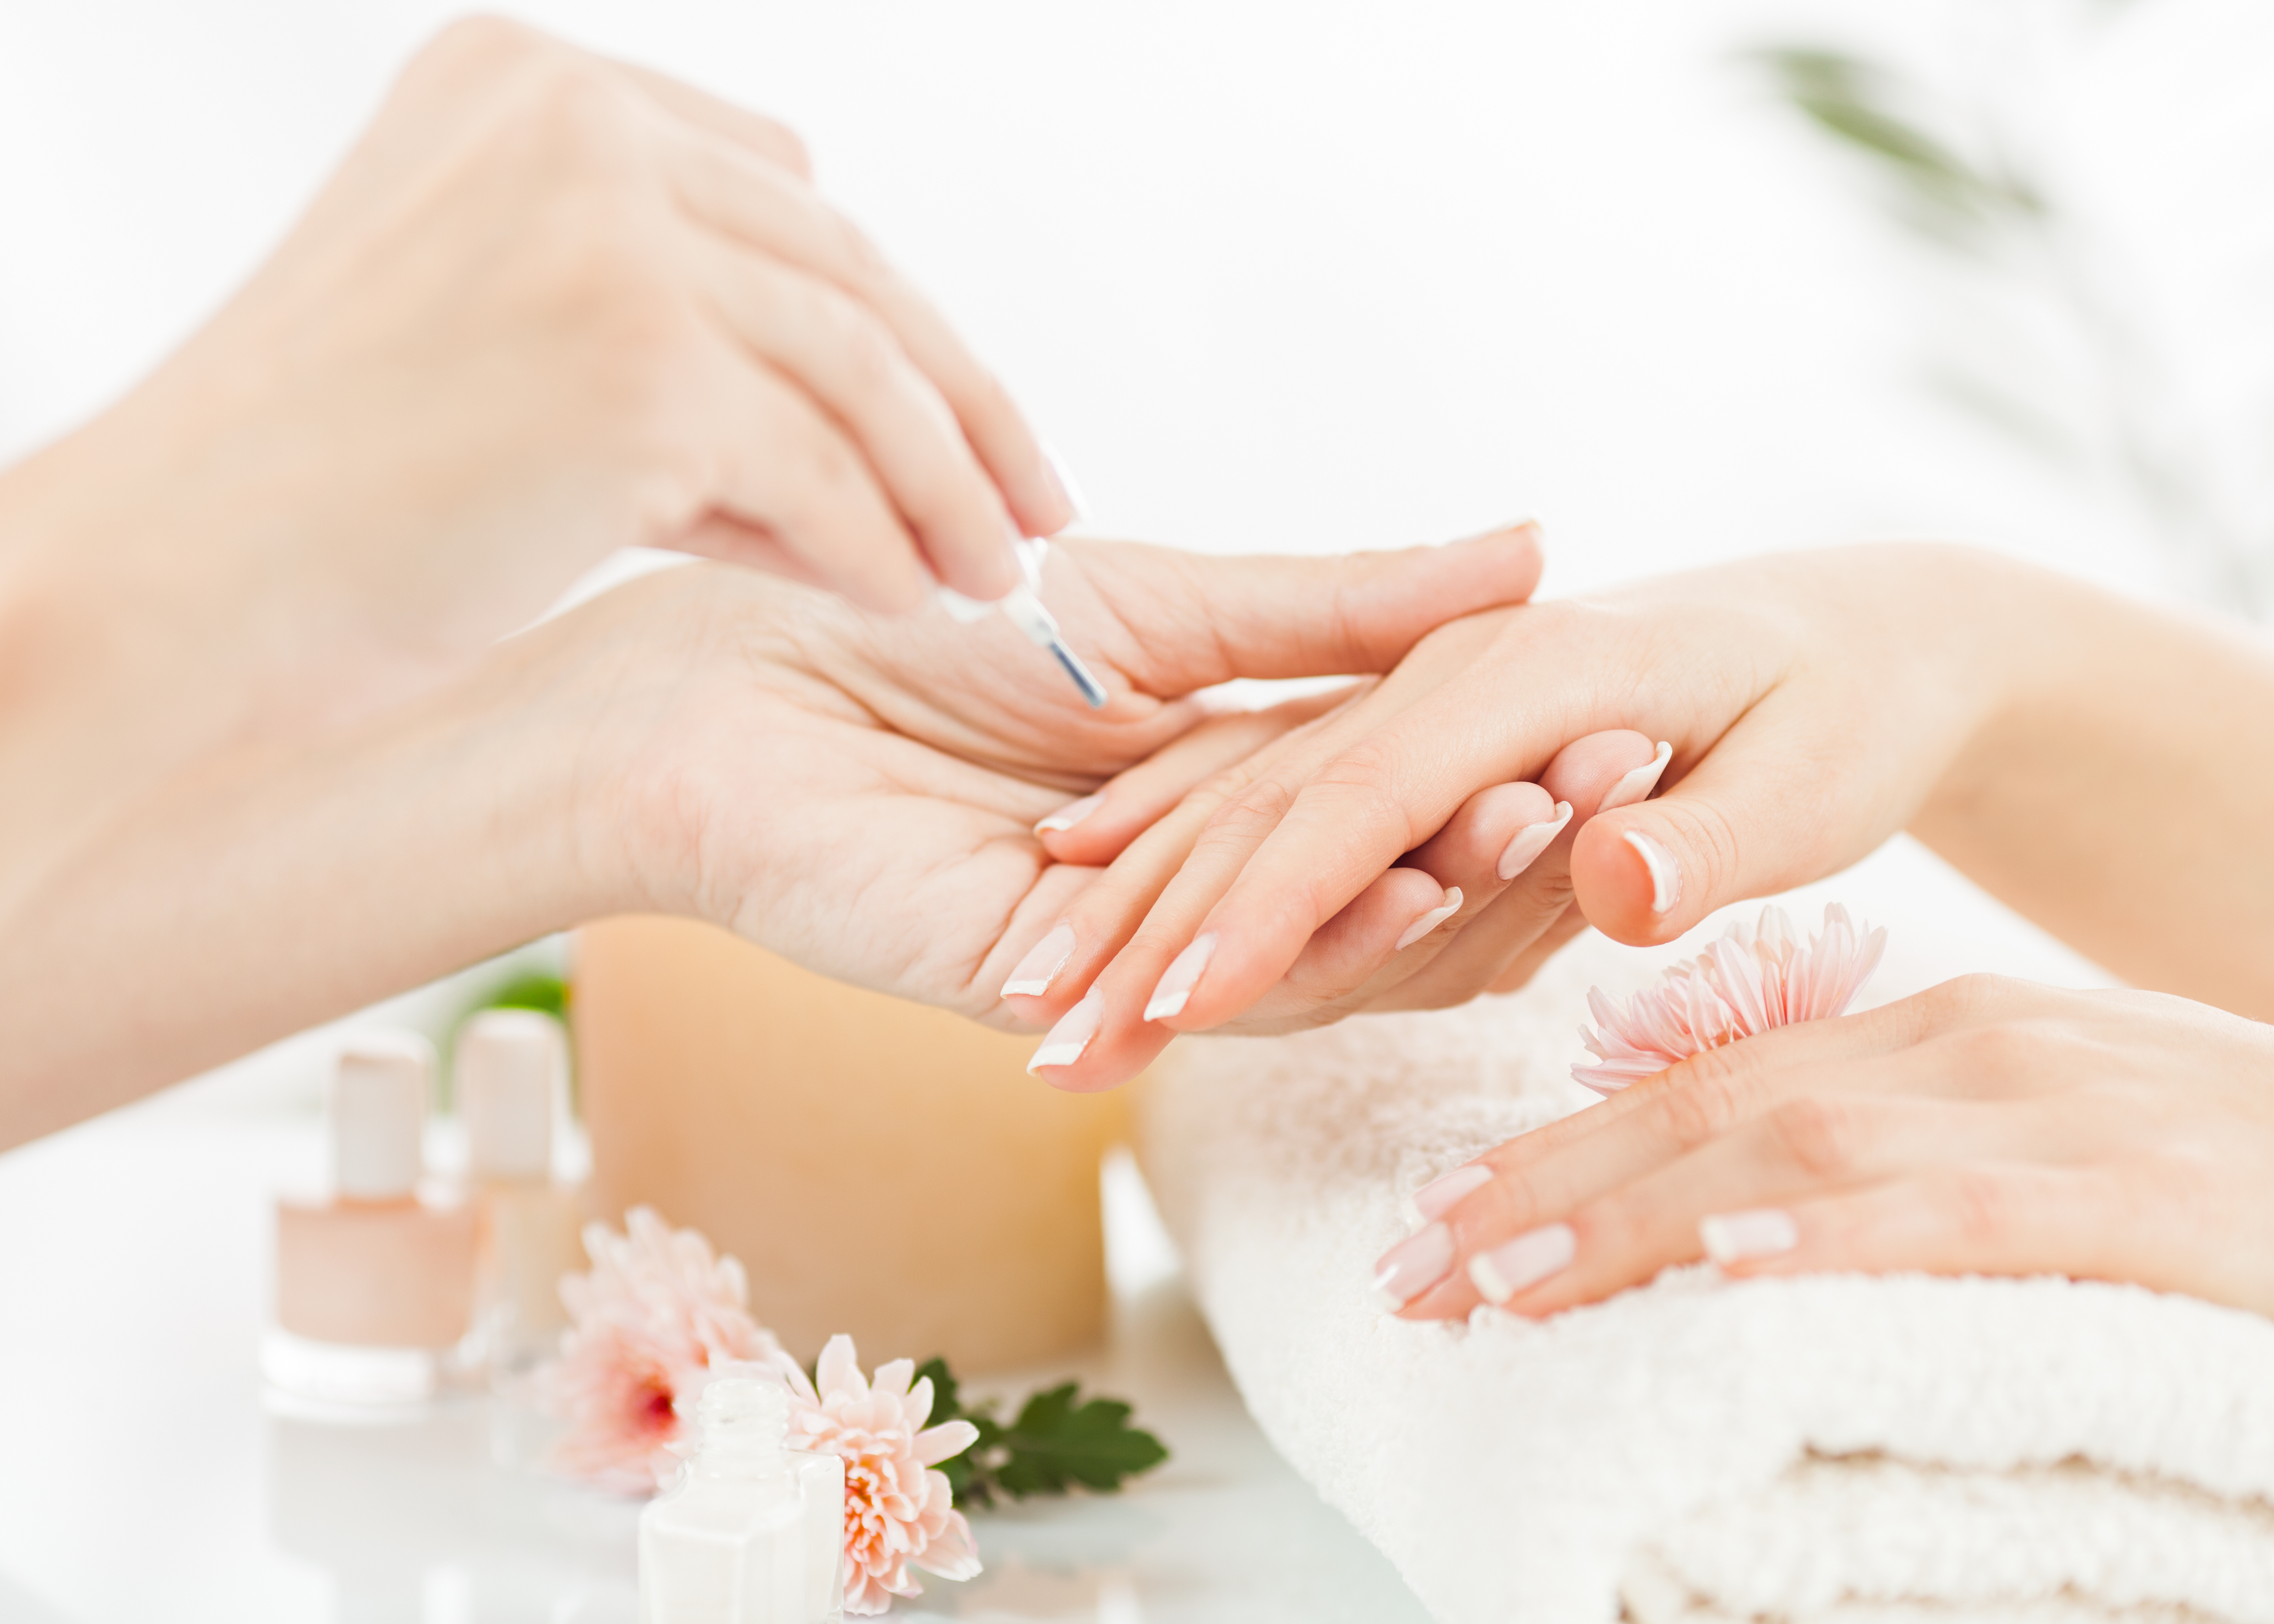 Nail Salon and Spa Review Monitoring Service